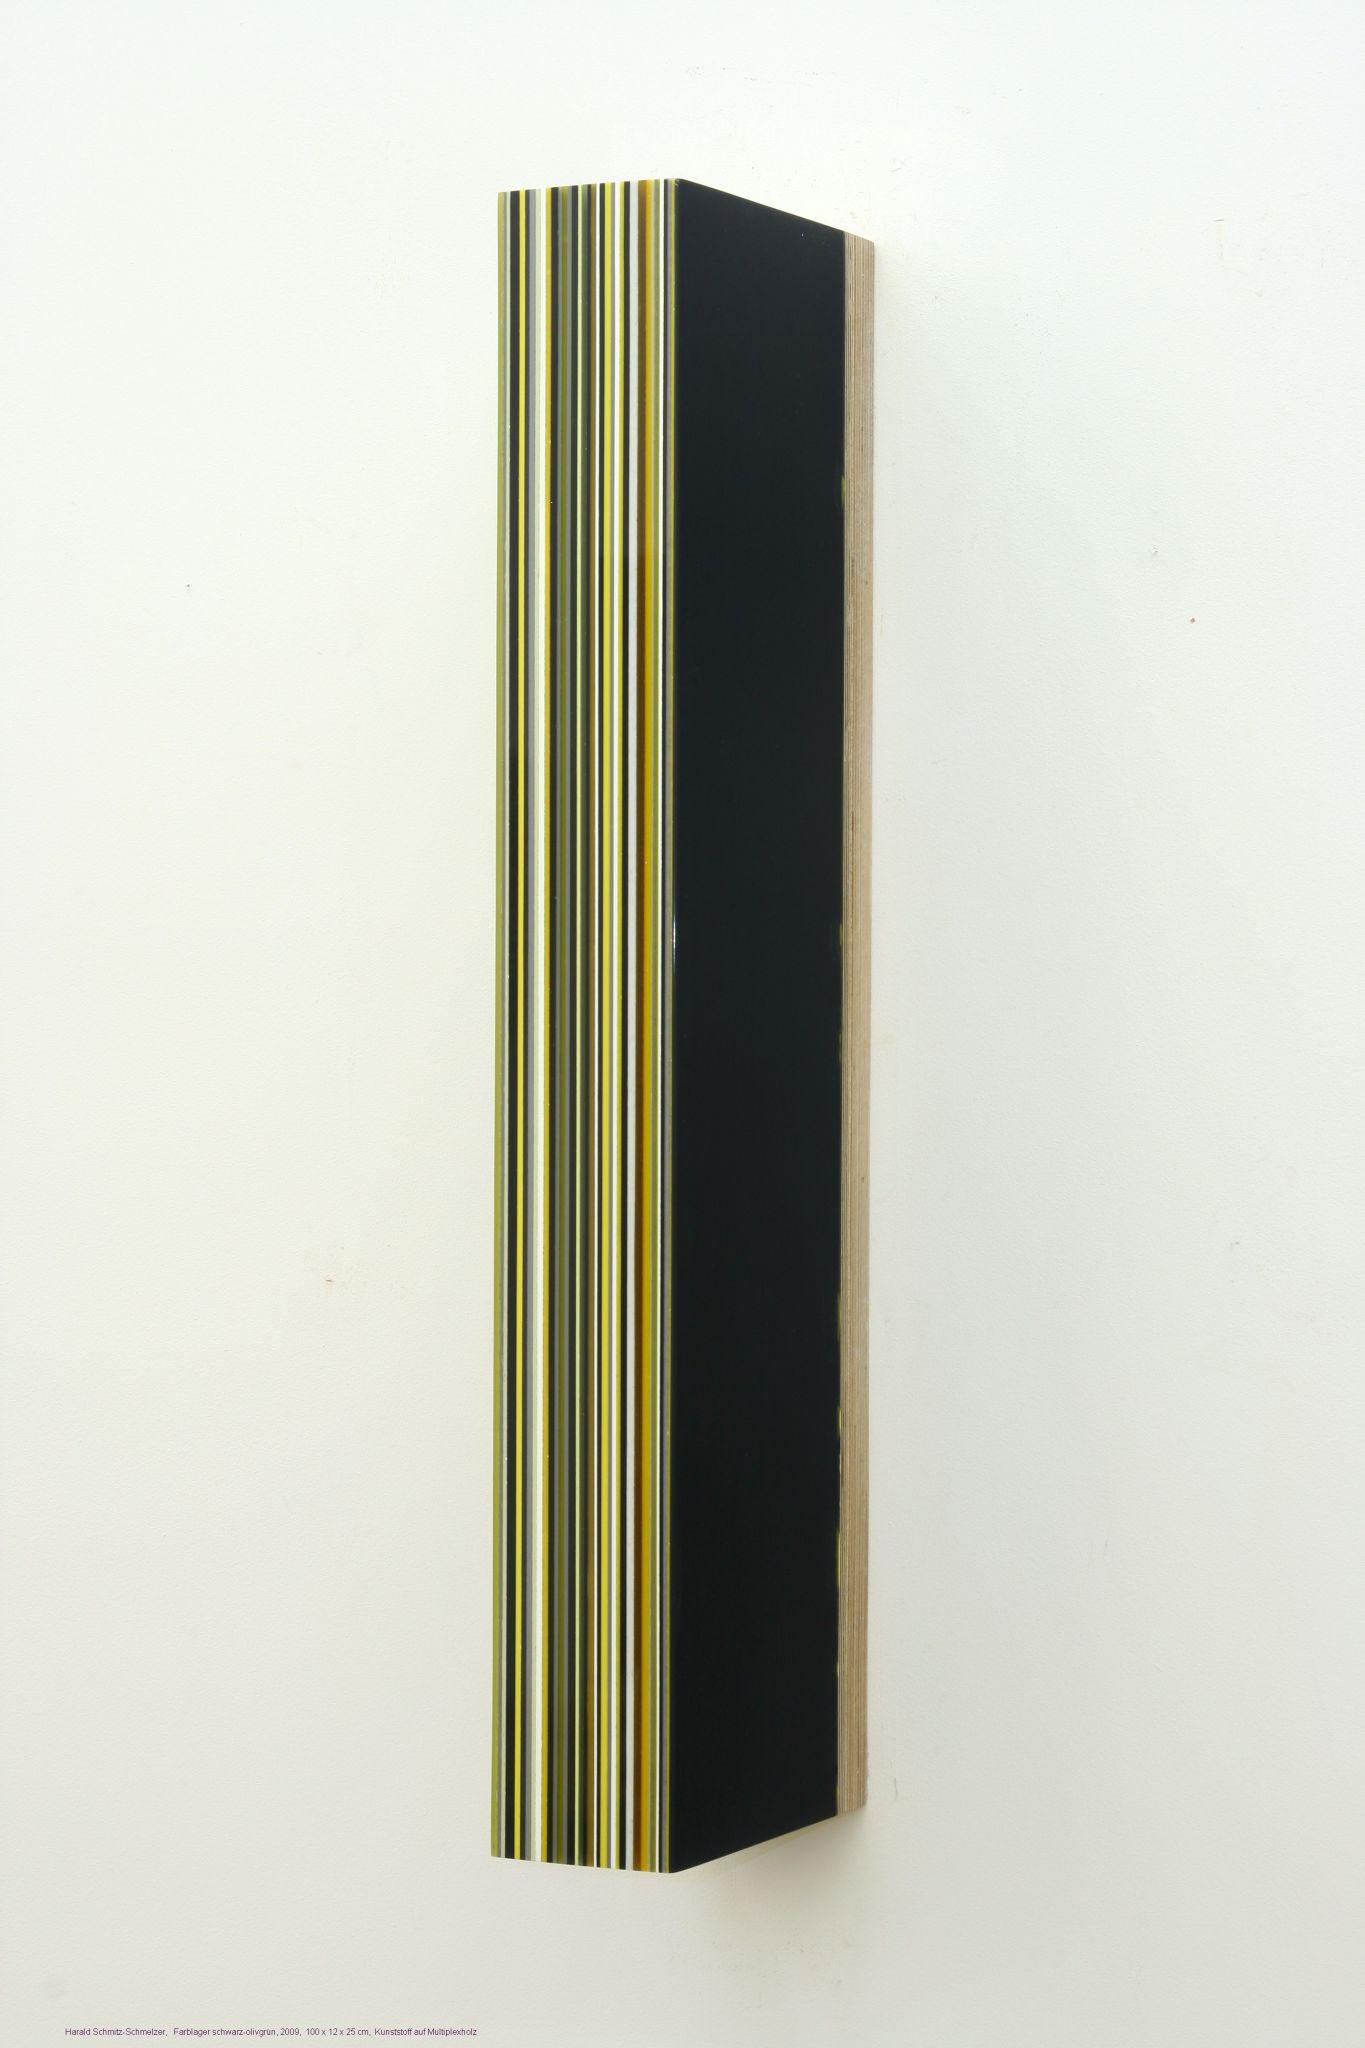 Farblager schwarz-oliv_ 2009